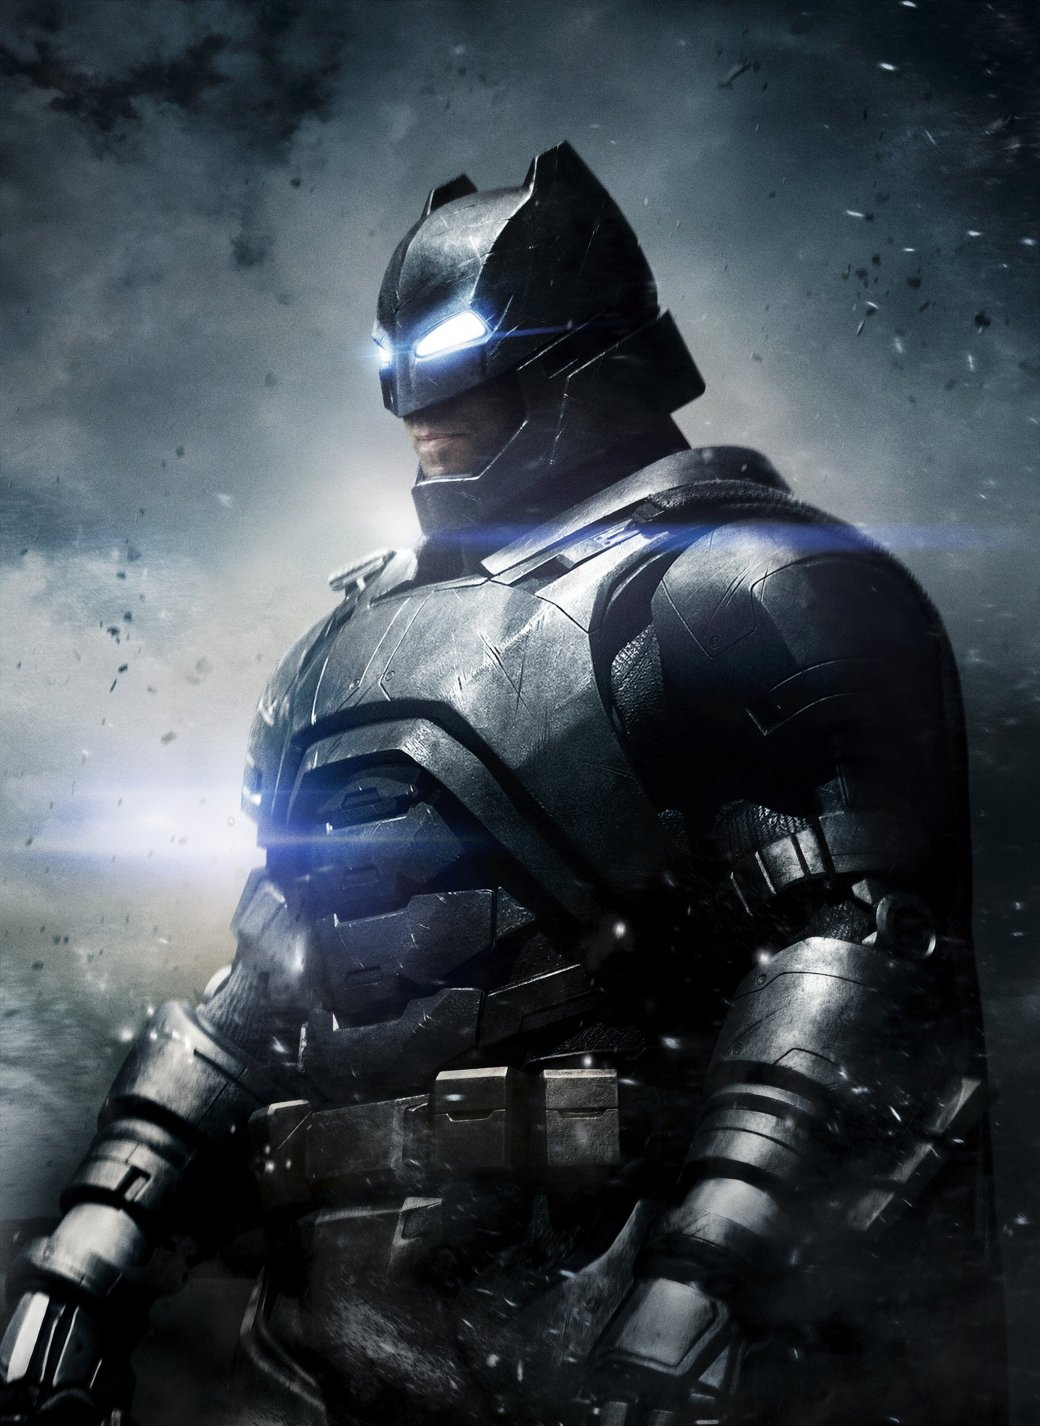 Рецензия на «Бэтмен против Супермена: На заре справедливости» - Изображение 27